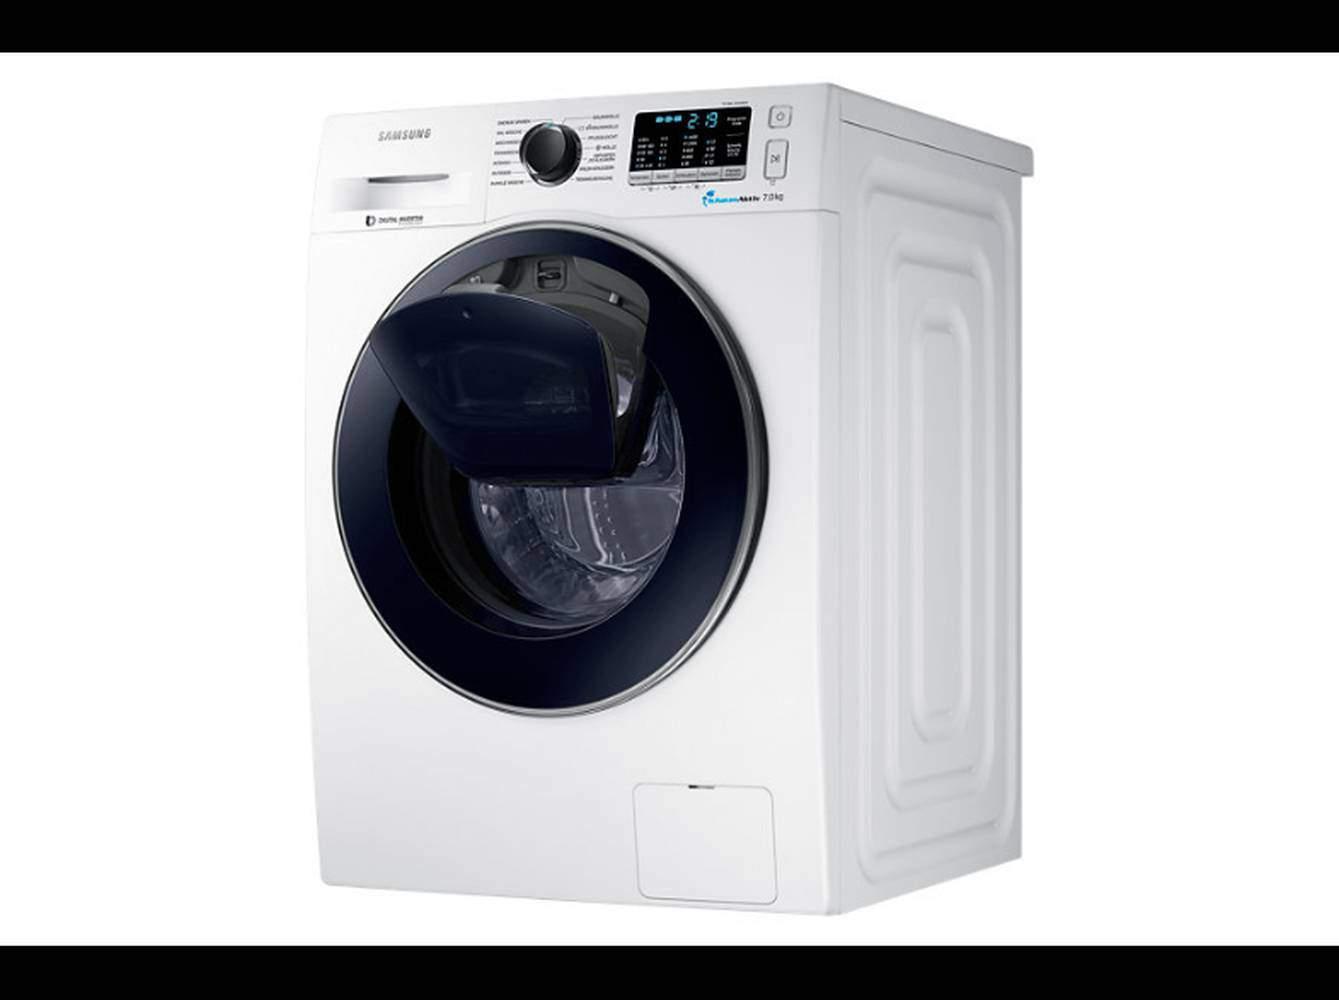 Samsung ww 70 k 5400 uw eg waschmaschine im test 07 2018